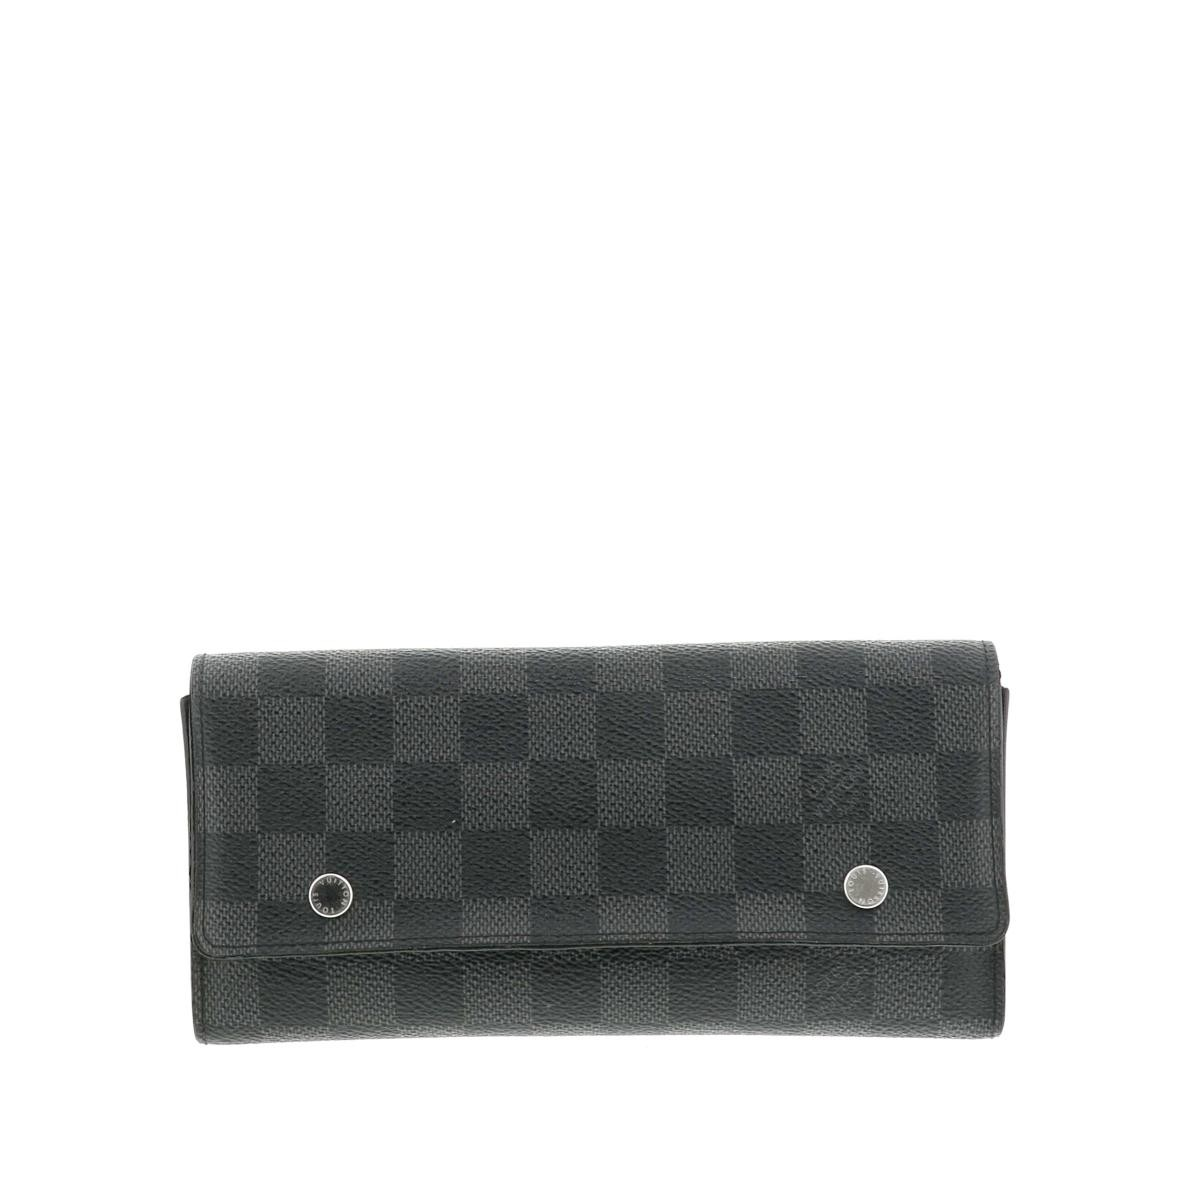 【中古】LOUIS VUITTON (ルイヴィトン) ポルトフォイユ・ロン モデュラブル 財布 長財布(小銭入有)  Black N63084 used:B